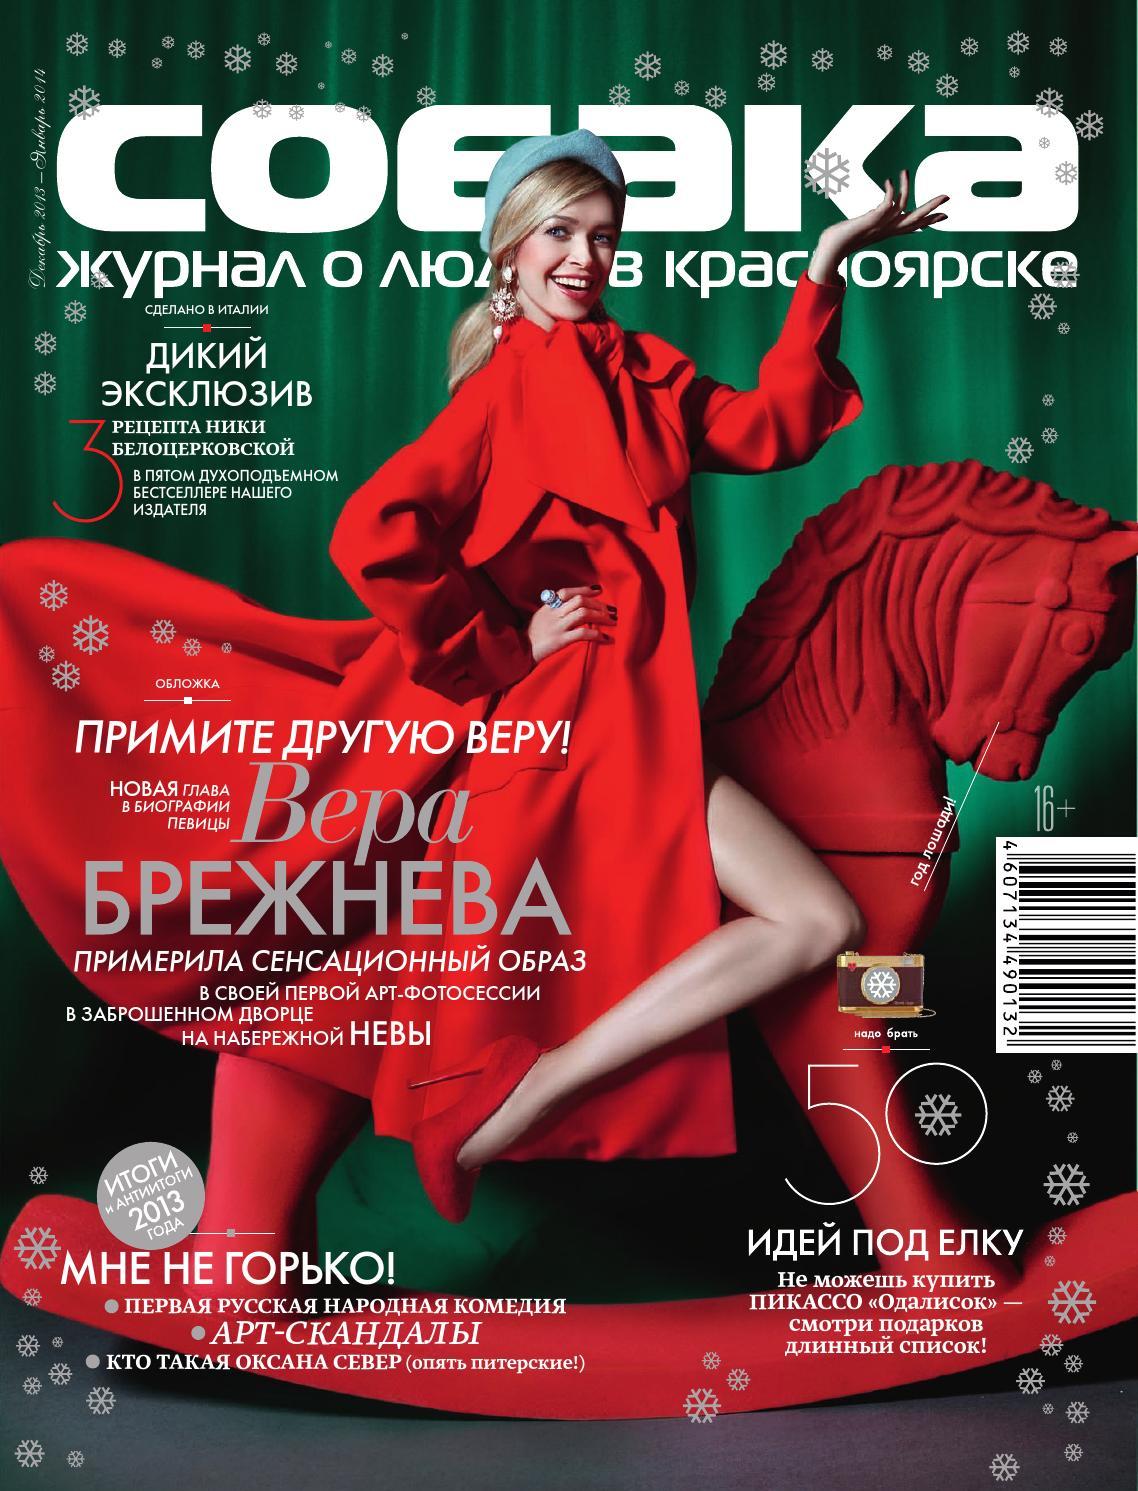 Бледная Обнаженная Кристина Риччи – Жизнь За Гранью (2009)